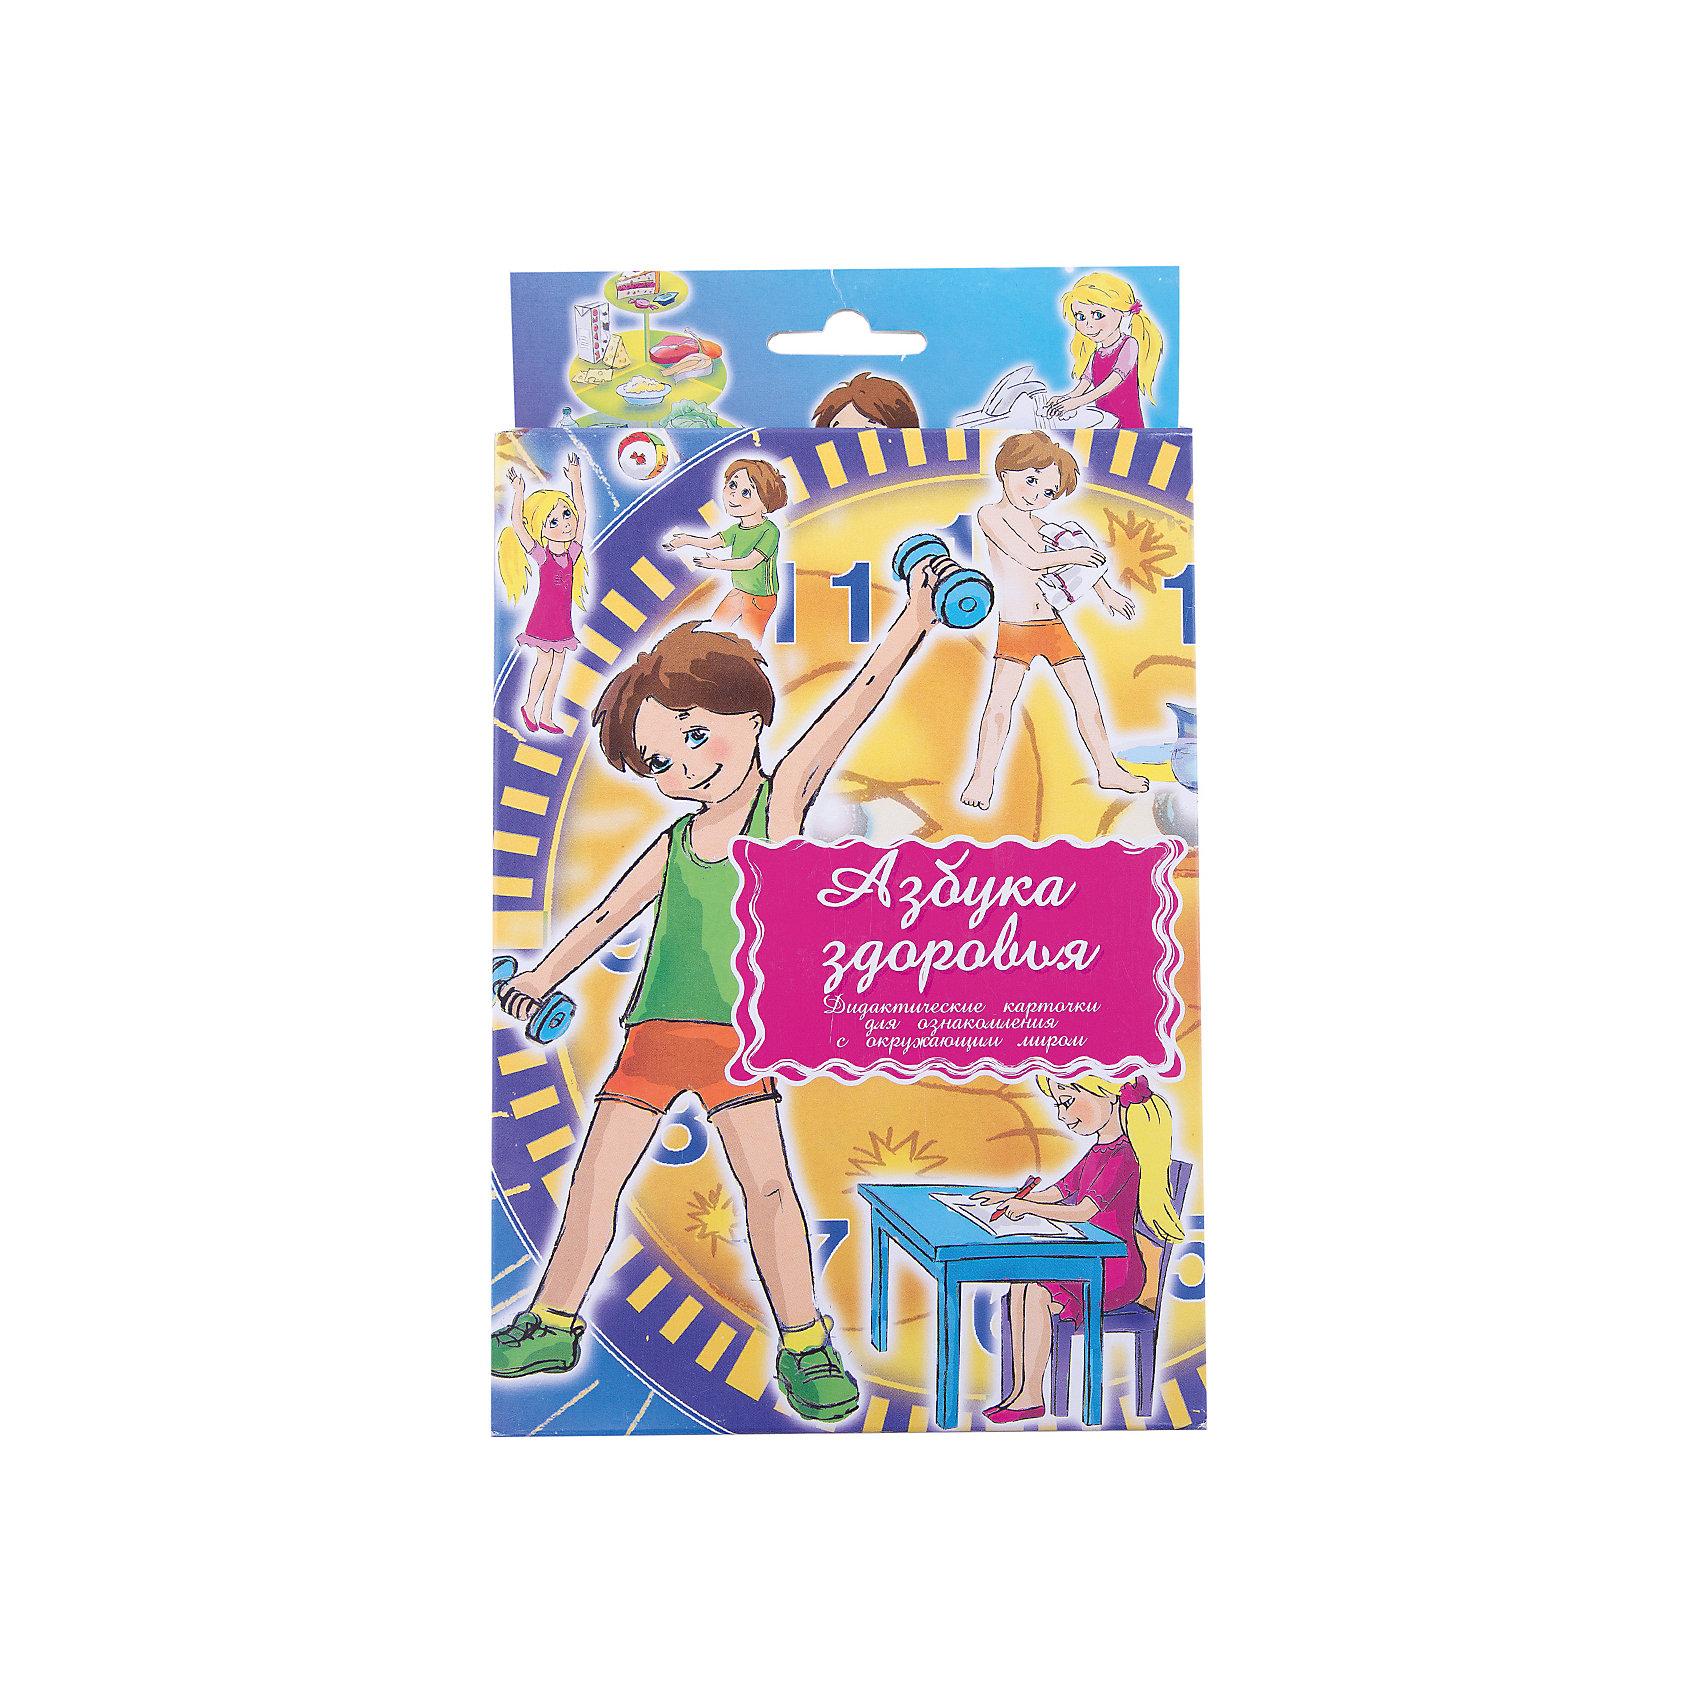 Дидактические карточки Азбука здоровья, Маленький генийОбучающие карточки<br>Дидактические карточки Азбука здоровья, Маленький гений.<br><br>Характеристики:<br><br>• Художник: Кочетова Е.<br>• Количество карточек: 16<br>• Размер карточек: 25х15 см.<br>• Материал: картон<br>• Упаковка: картонный блистер с европодвесом<br>• Размер упаковки: 25,2х15,1х1 см.<br><br>Дидактические карточки с крупными яркими картинками познакомят малыша с некоторыми самыми необходимыми правилами, которые нужно соблюдать, чтобы быть здоровым. В набор входит 16 карточек. Например: «Следи за осанкой. Держи спину ровно» или «Умывайся утром и вечером». На обороте карточек дано подробное объяснение правил. <br><br>Сначала внимательно рассмотрите с ребенком картинки. Познакомьте его с правилами. Попросите его самого объяснить, зачем нужно выполнять это правило, а затем прочитайте текст на обороте карточки или дайте собственные пояснения. Когда ребенок запомнит правила, можно поиграть с карточками. Например, вы озвучиваете правило, а ребенок должен найти соответствующую ему карточку. Или вы показываете карточку, а ребенок должен озвучить правило и объяснить его. <br><br>Используйте полученные знания на практике, в повседневной жизни. Если какое-то правило в Вашей семье не соблюдается, обсудите с ребенком причины и постарайтесь ввести его в обиход. Обсуждая вредные привычки, будьте очень деликатны, ребенок должен быть уверен, что вы его не осудите и всегда поддержите. Обсуждая карточки с ребенком, постарайтесь сформировать у него желание вести здоровый образ жизни. Карточки рекомендуются родителям для познавательных игр с детьми и занятий по методике Глена Домана.<br><br>Дидактические карточки Азбука здоровья, Маленький гений можно купить в нашем интернет-магазине.<br><br>Ширина мм: 150<br>Глубина мм: 90<br>Высота мм: 90<br>Вес г: 200<br>Возраст от месяцев: 36<br>Возраст до месяцев: 84<br>Пол: Унисекс<br>Возраст: Детский<br>SKU: 5454192